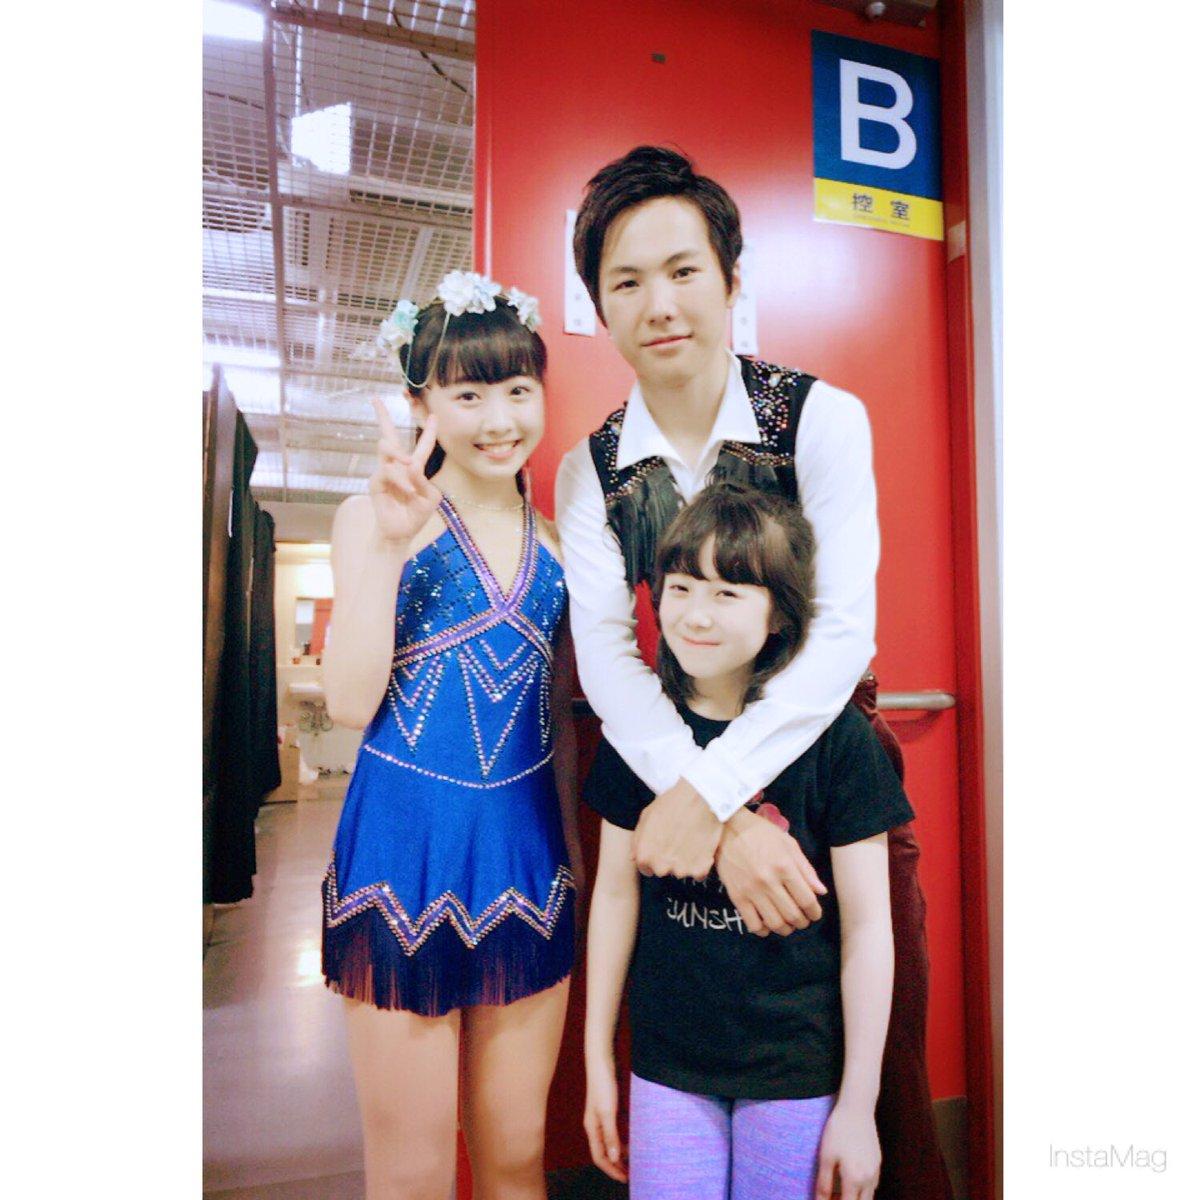 プリンスアイスワールド横浜公演に出演した本田3兄妹が仲良くスリーショットで感謝のコメント